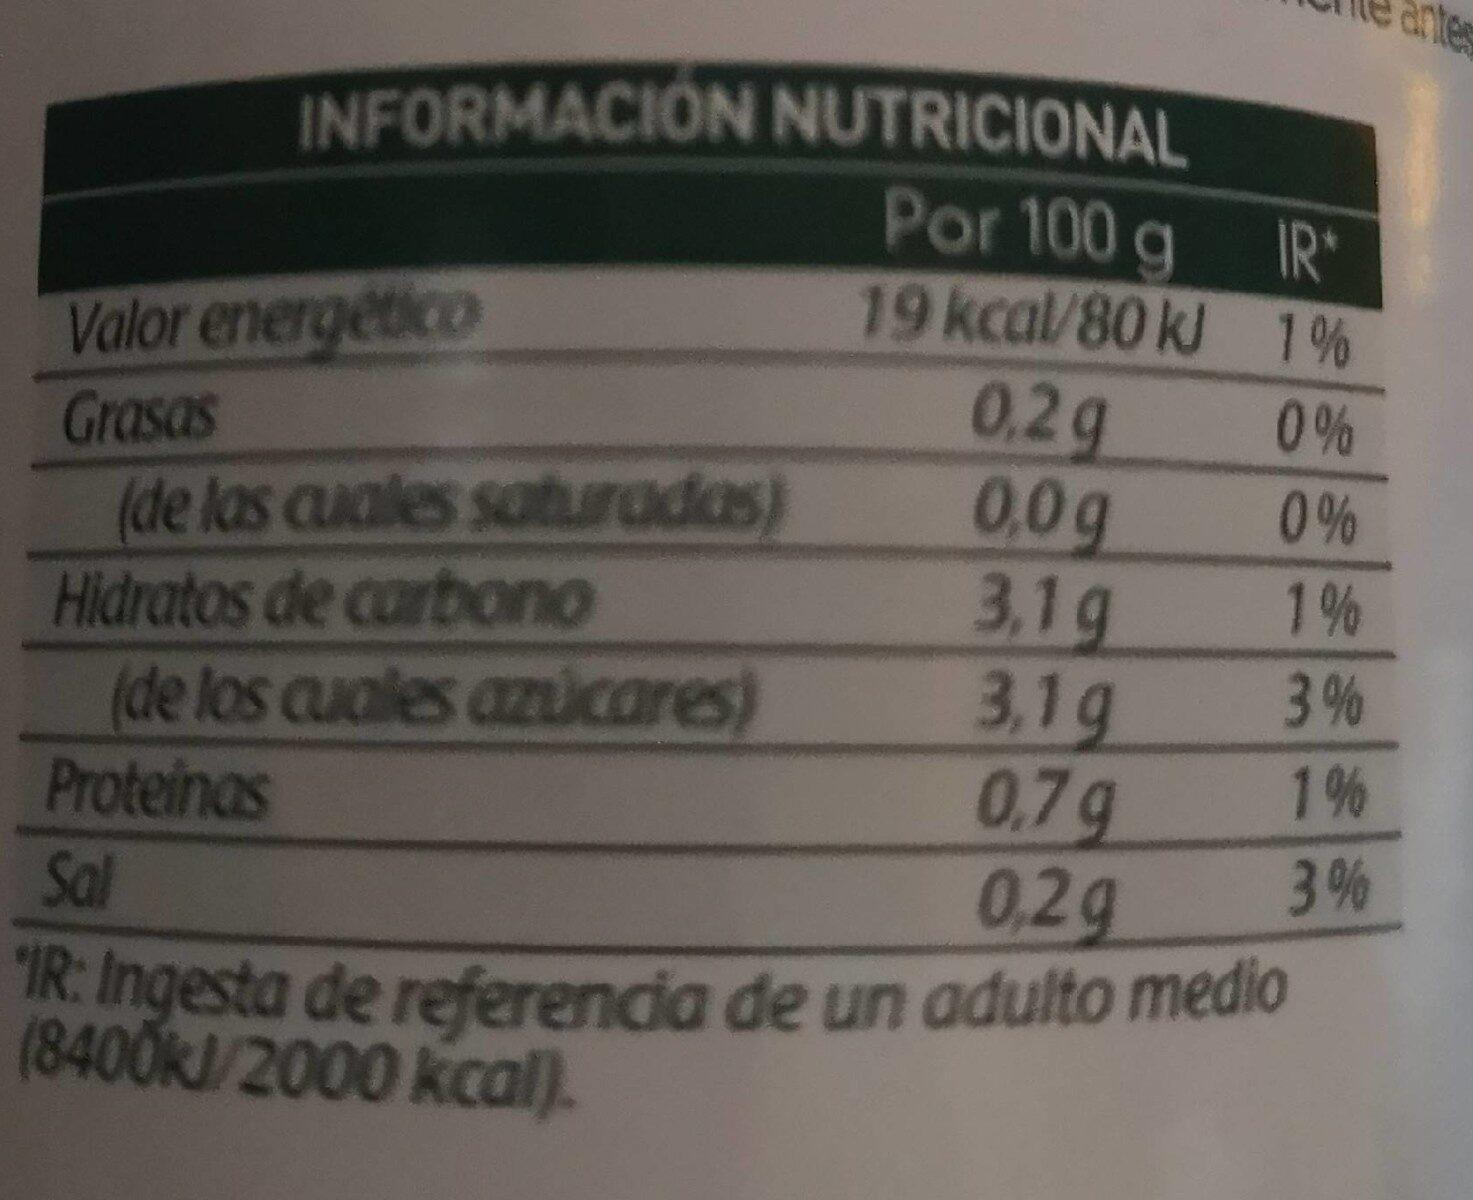 Tomate natural triturado extra al estilo casero - Información nutricional - es